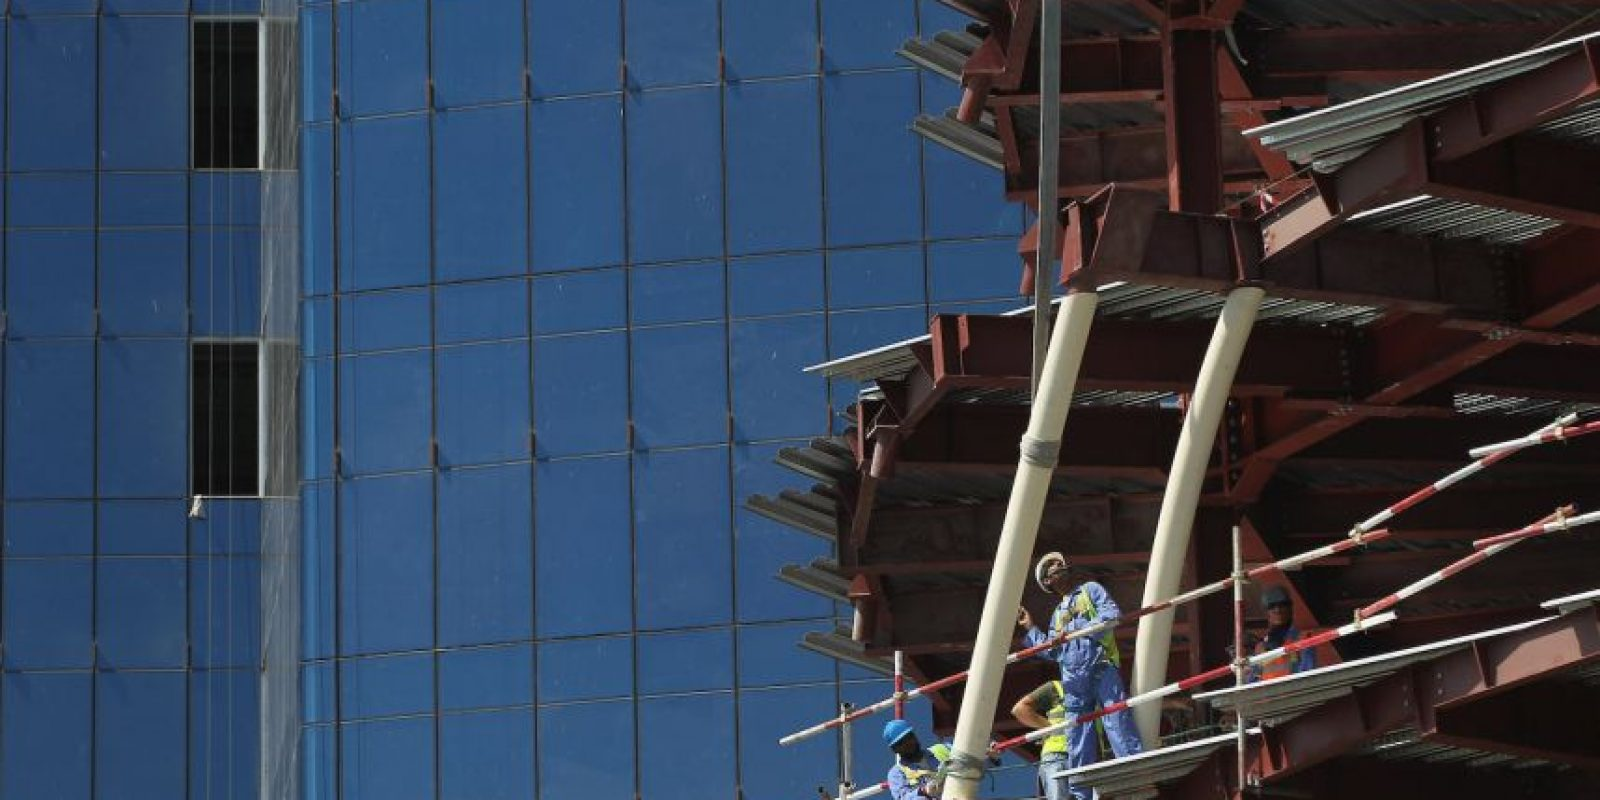 9. Instalar los montacargas y elevadores de manera que su solidez y estabilidad estén garantizadas Foto:Getty Images